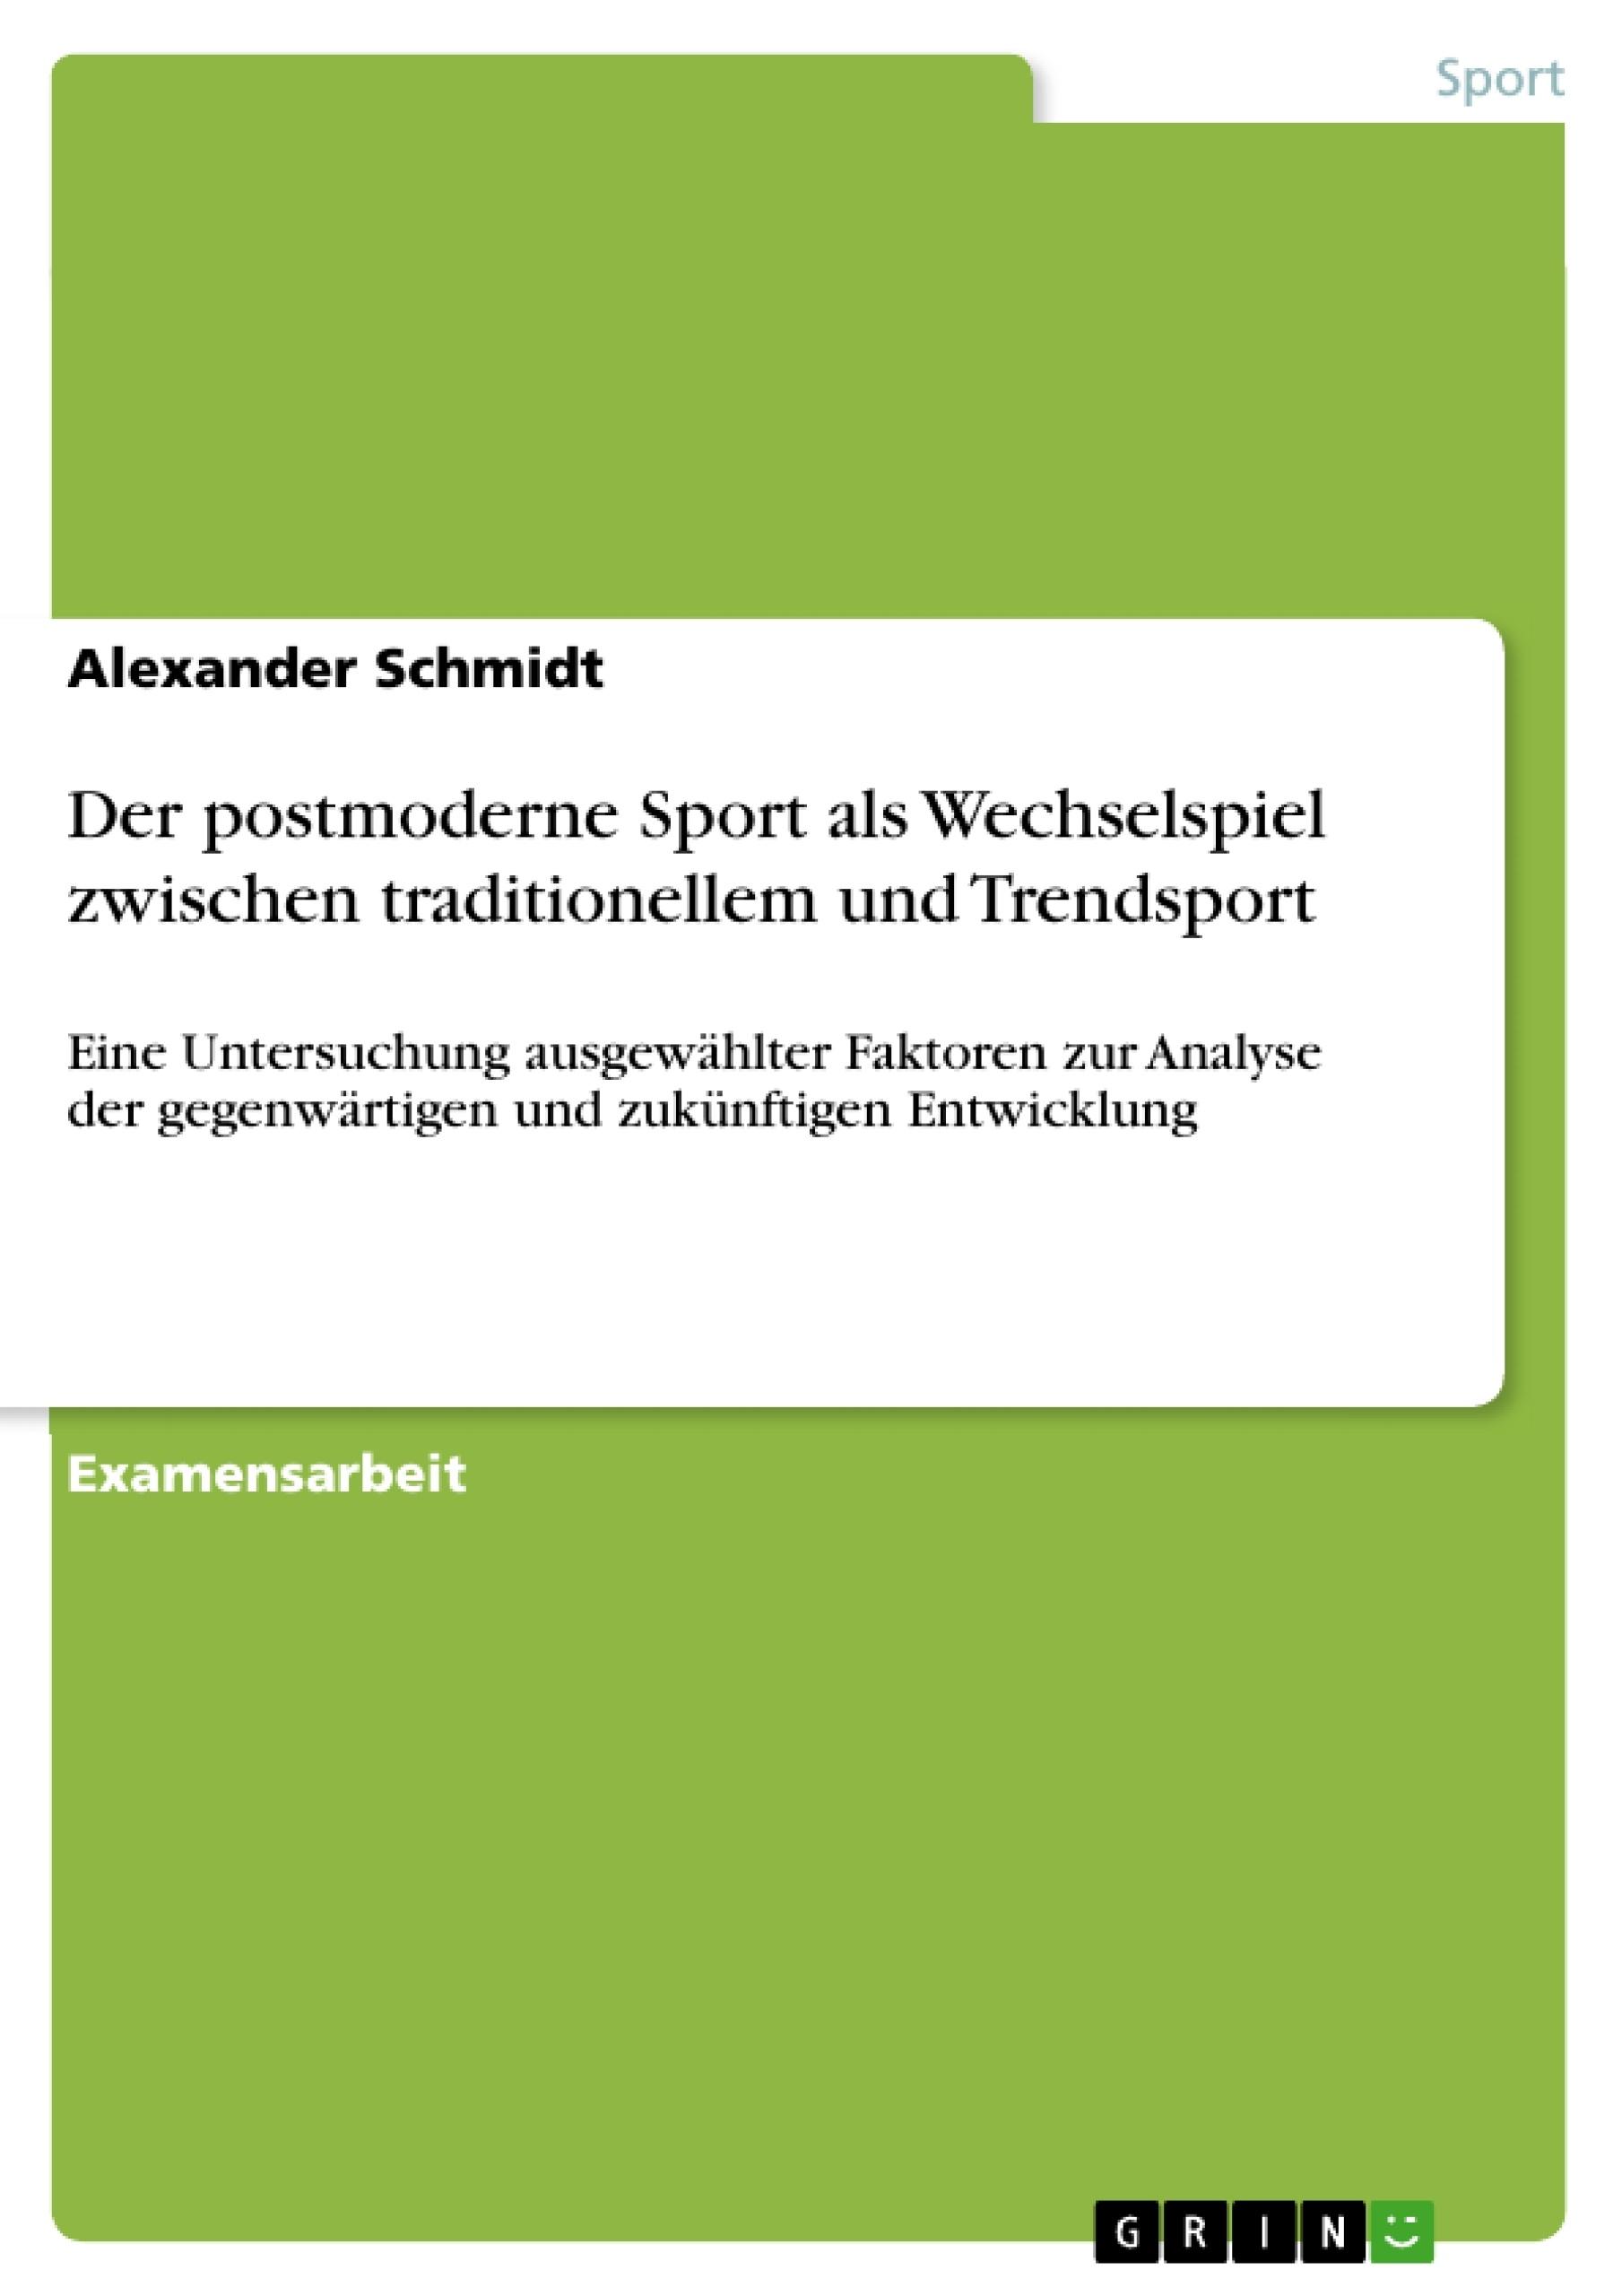 Titel: Der postmoderne Sport als Wechselspiel zwischen traditionellem und Trendsport